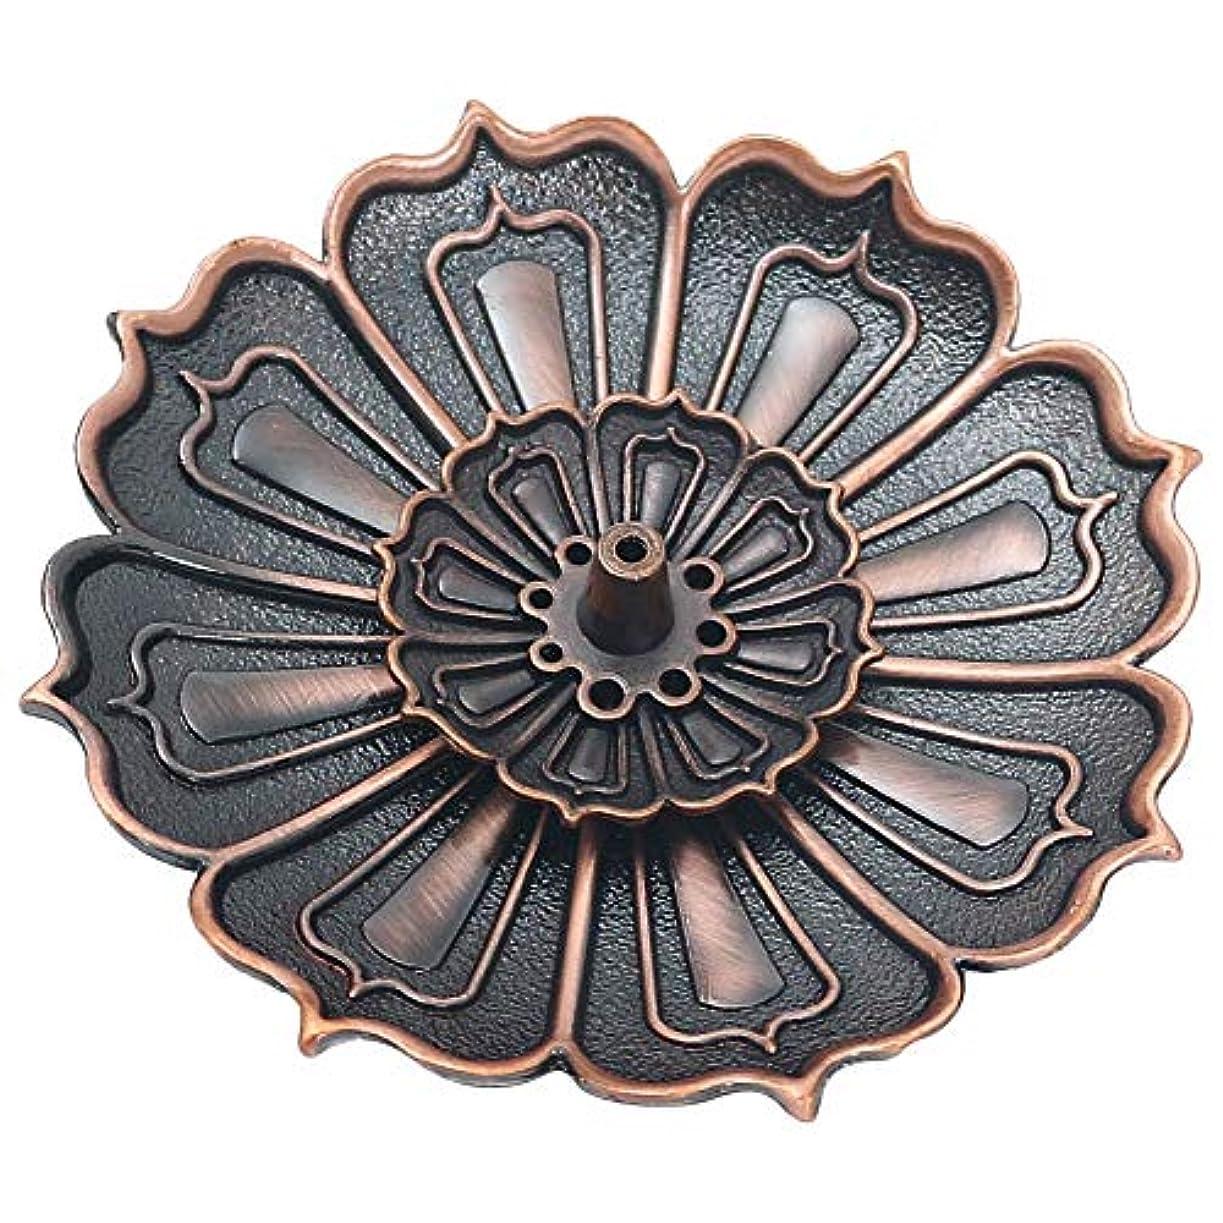 区別する特徴メーターハス香炉 香立て 香皿 線香立て 合金アロマ 多機能置物 インセンスホルダー